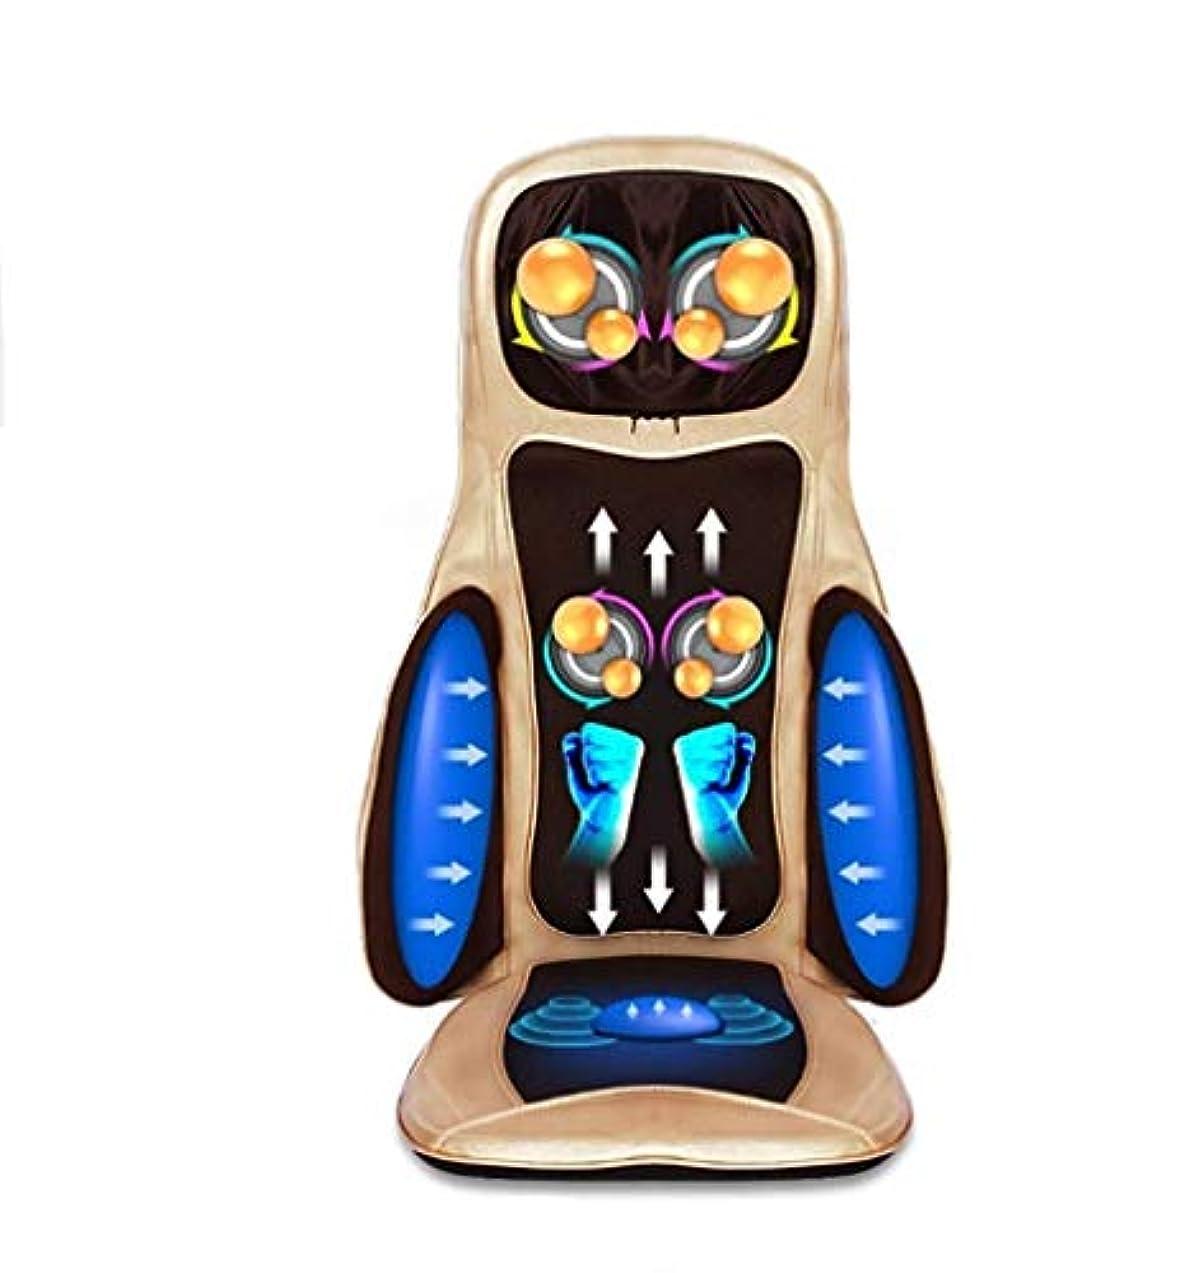 ゲートマート代表してカーマッサージクッション、多機能マッサージクッション、ホームオフィスマッサージャー、全身マッサージマシンの深い混練、熱振動、体の痛みや疲労を軽減